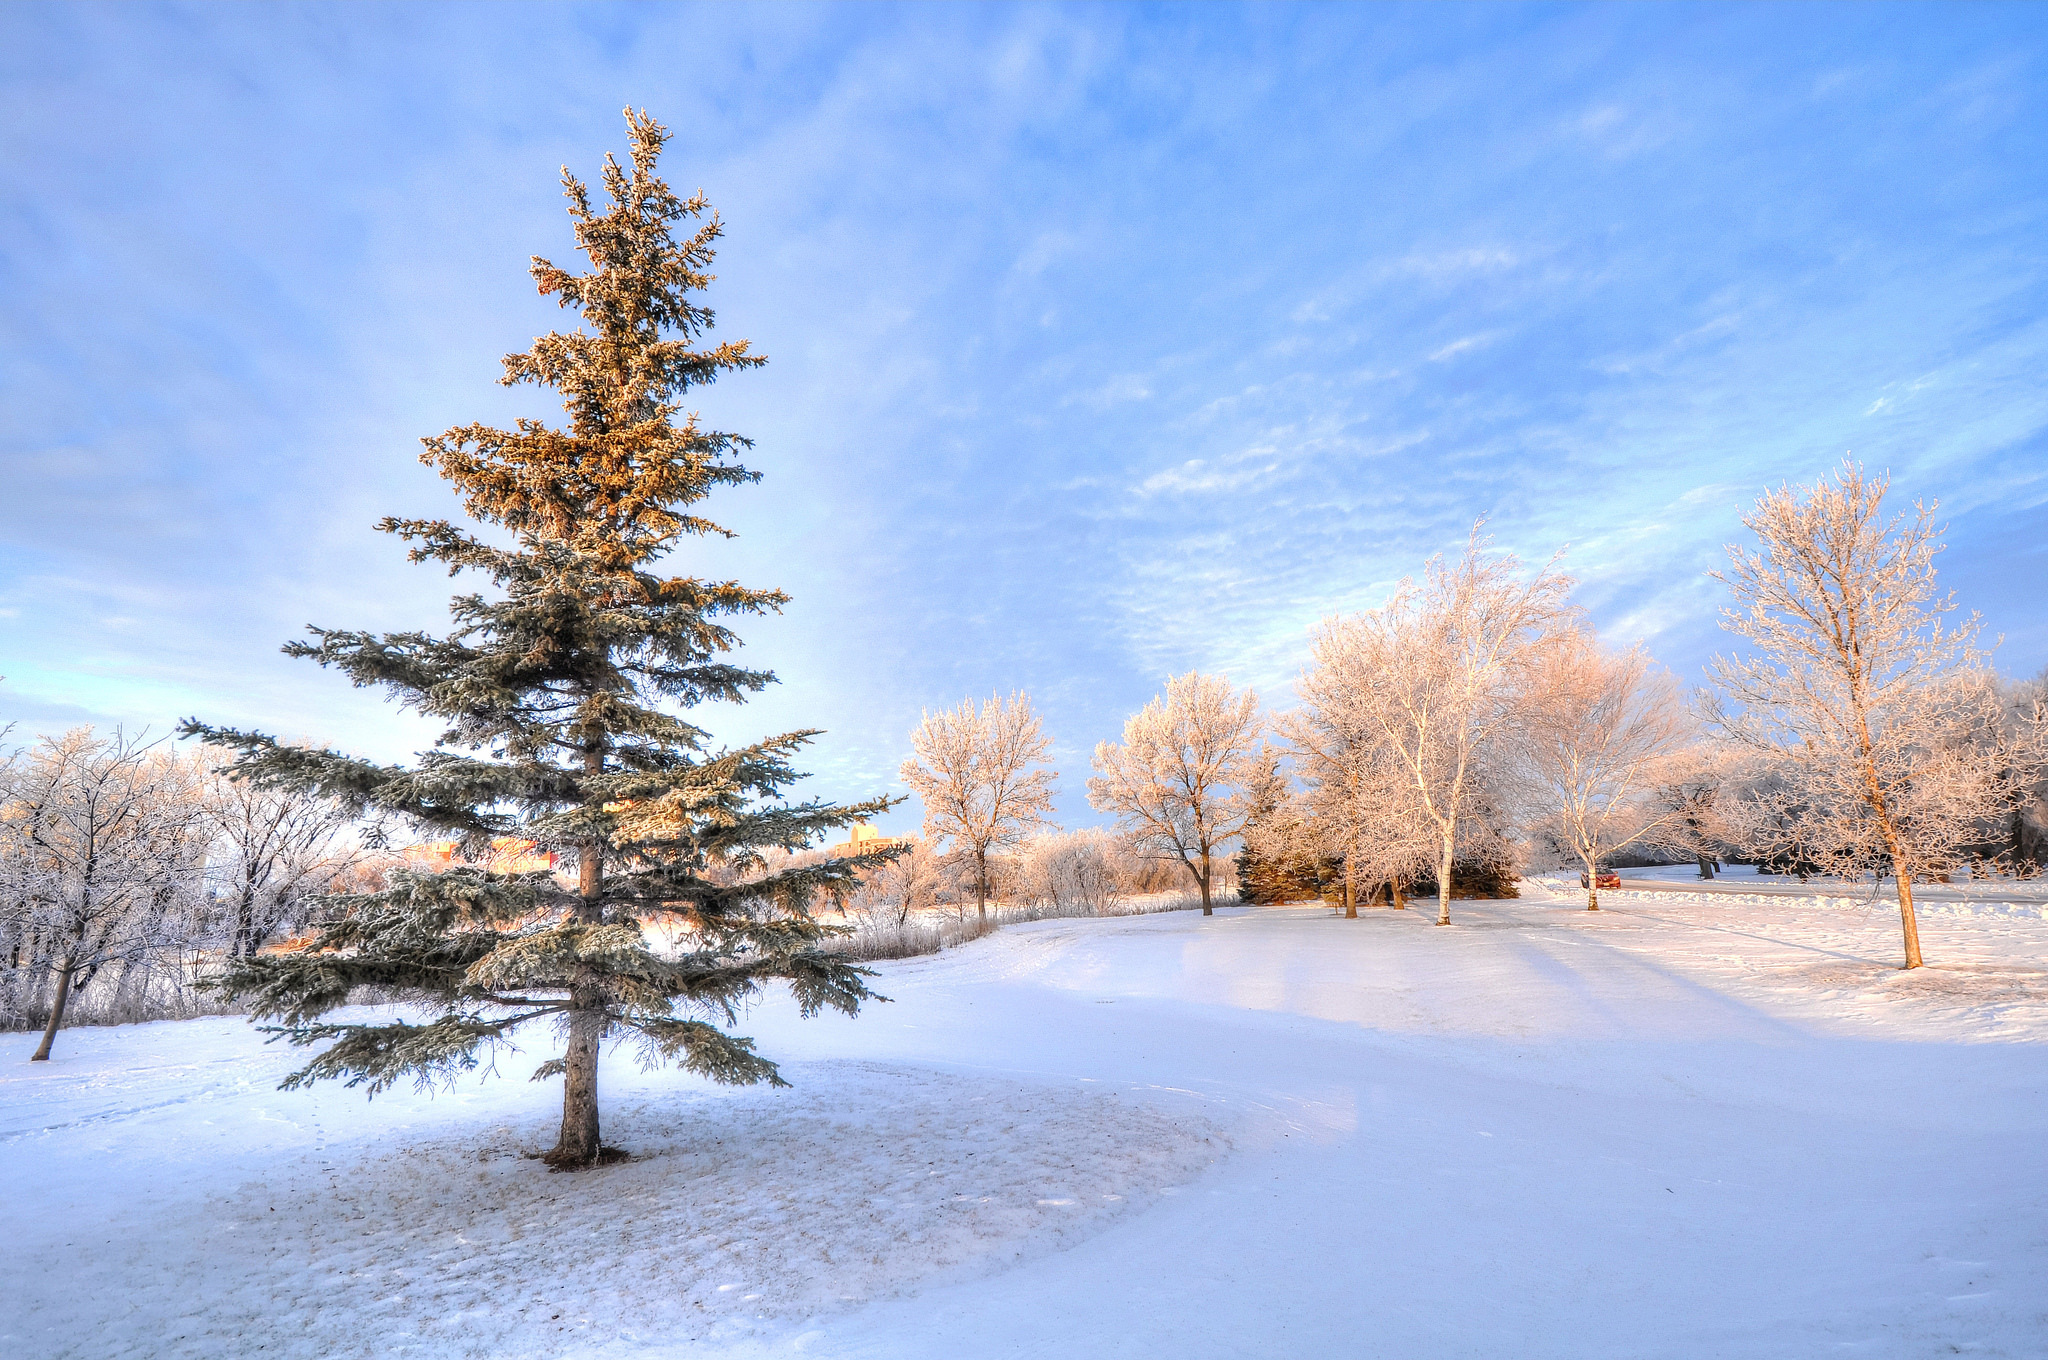 Парк зима ели  № 2388856 бесплатно